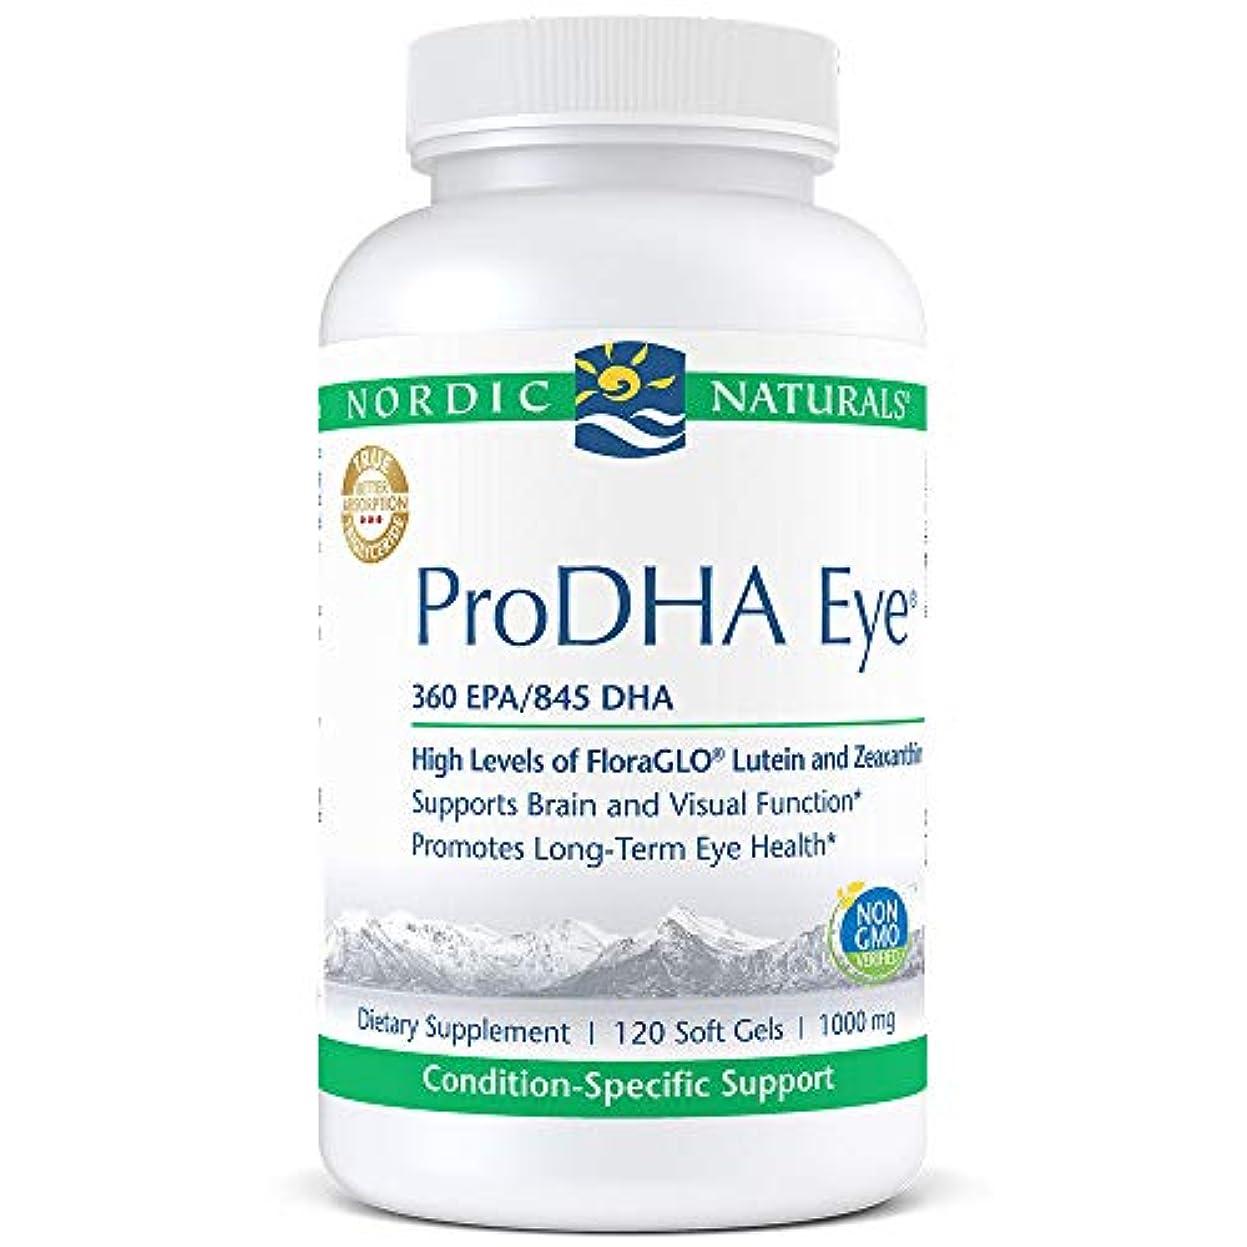 ボーナス閉じ込める荒涼としたNordic Naturals ProDHA Eye プロDHA アイ120粒 [海外直送品]